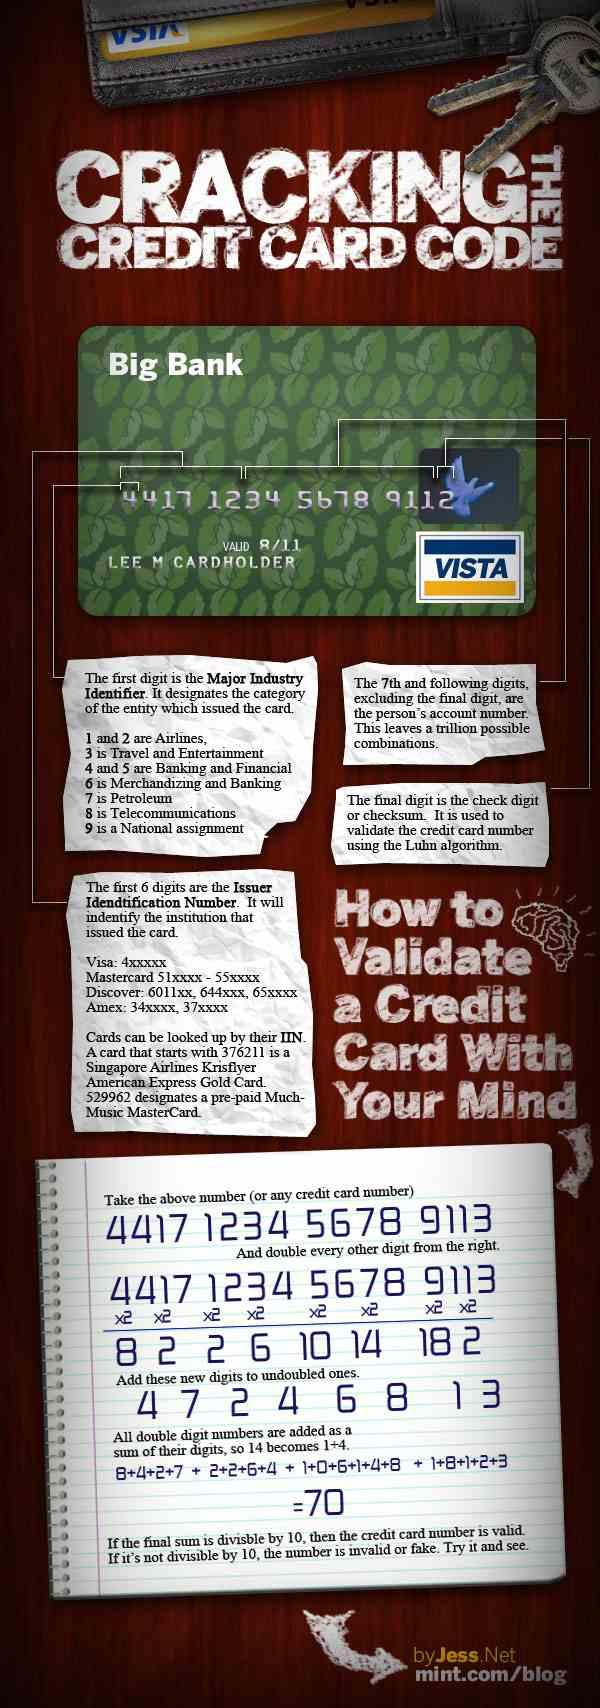 Credit Card Code